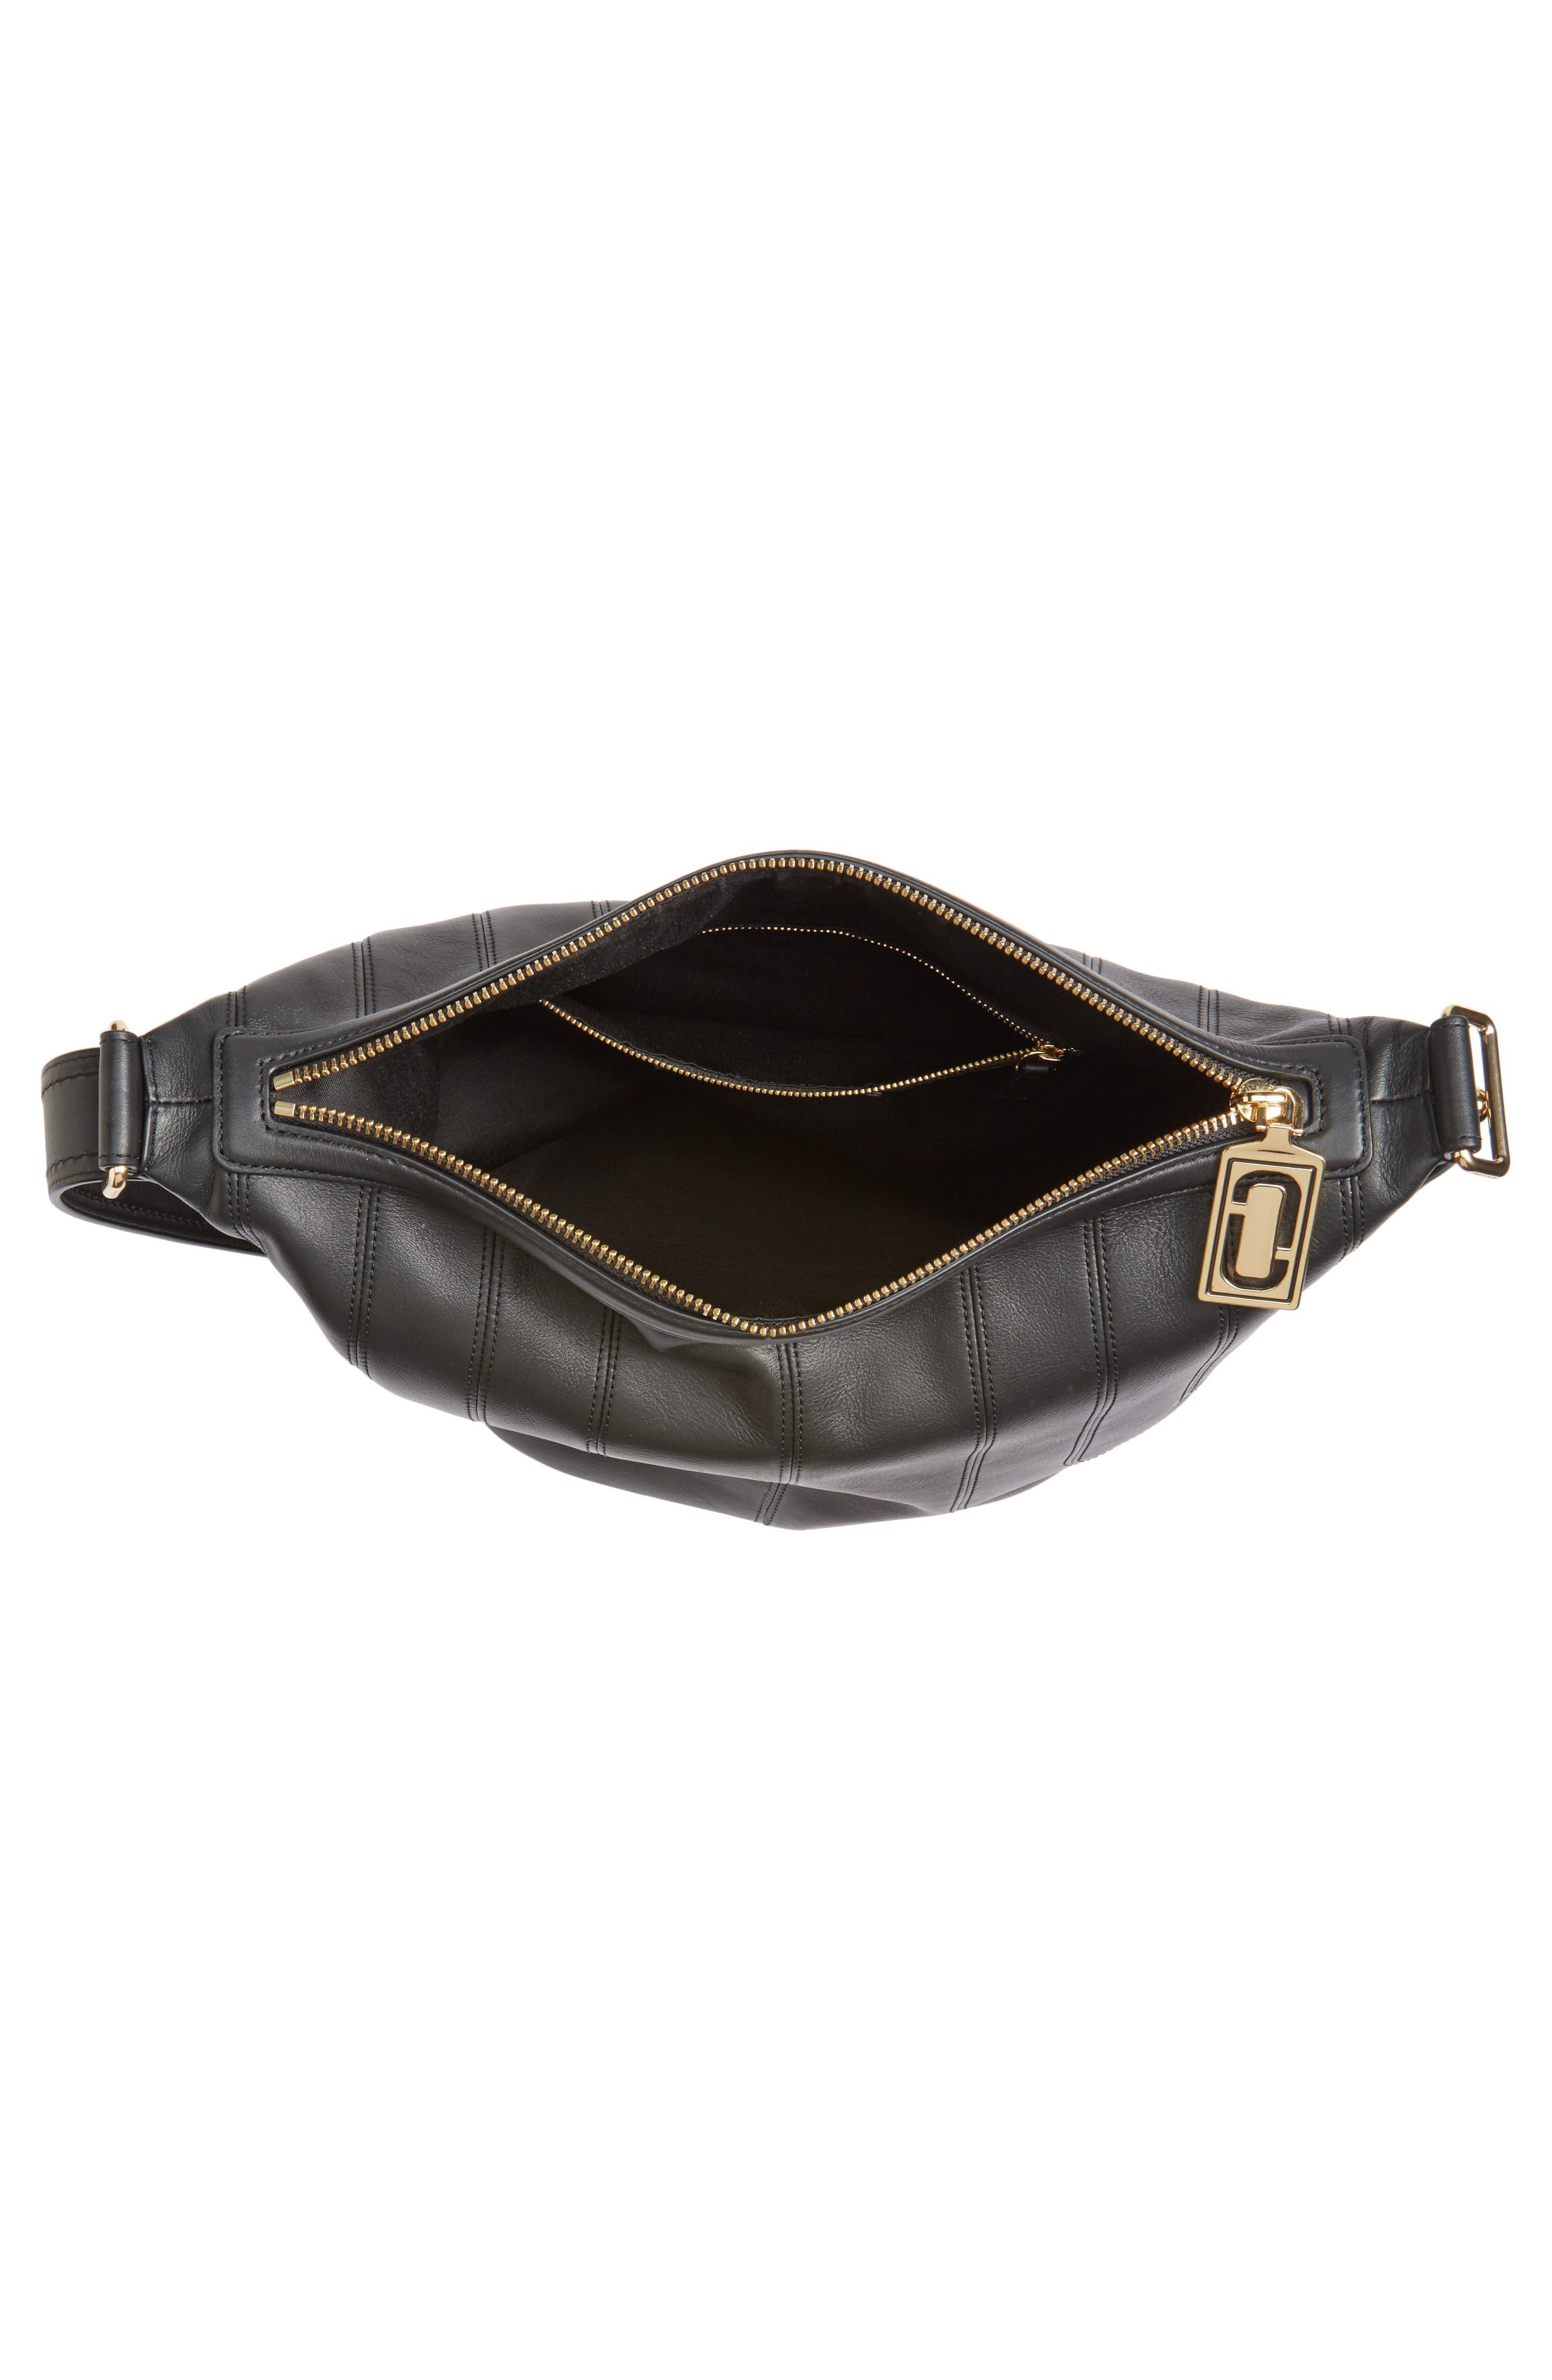 The Sling Mod Leather Hobo/Crossbody/Sling Bag,                             Alternate thumbnail 4, color,                             001